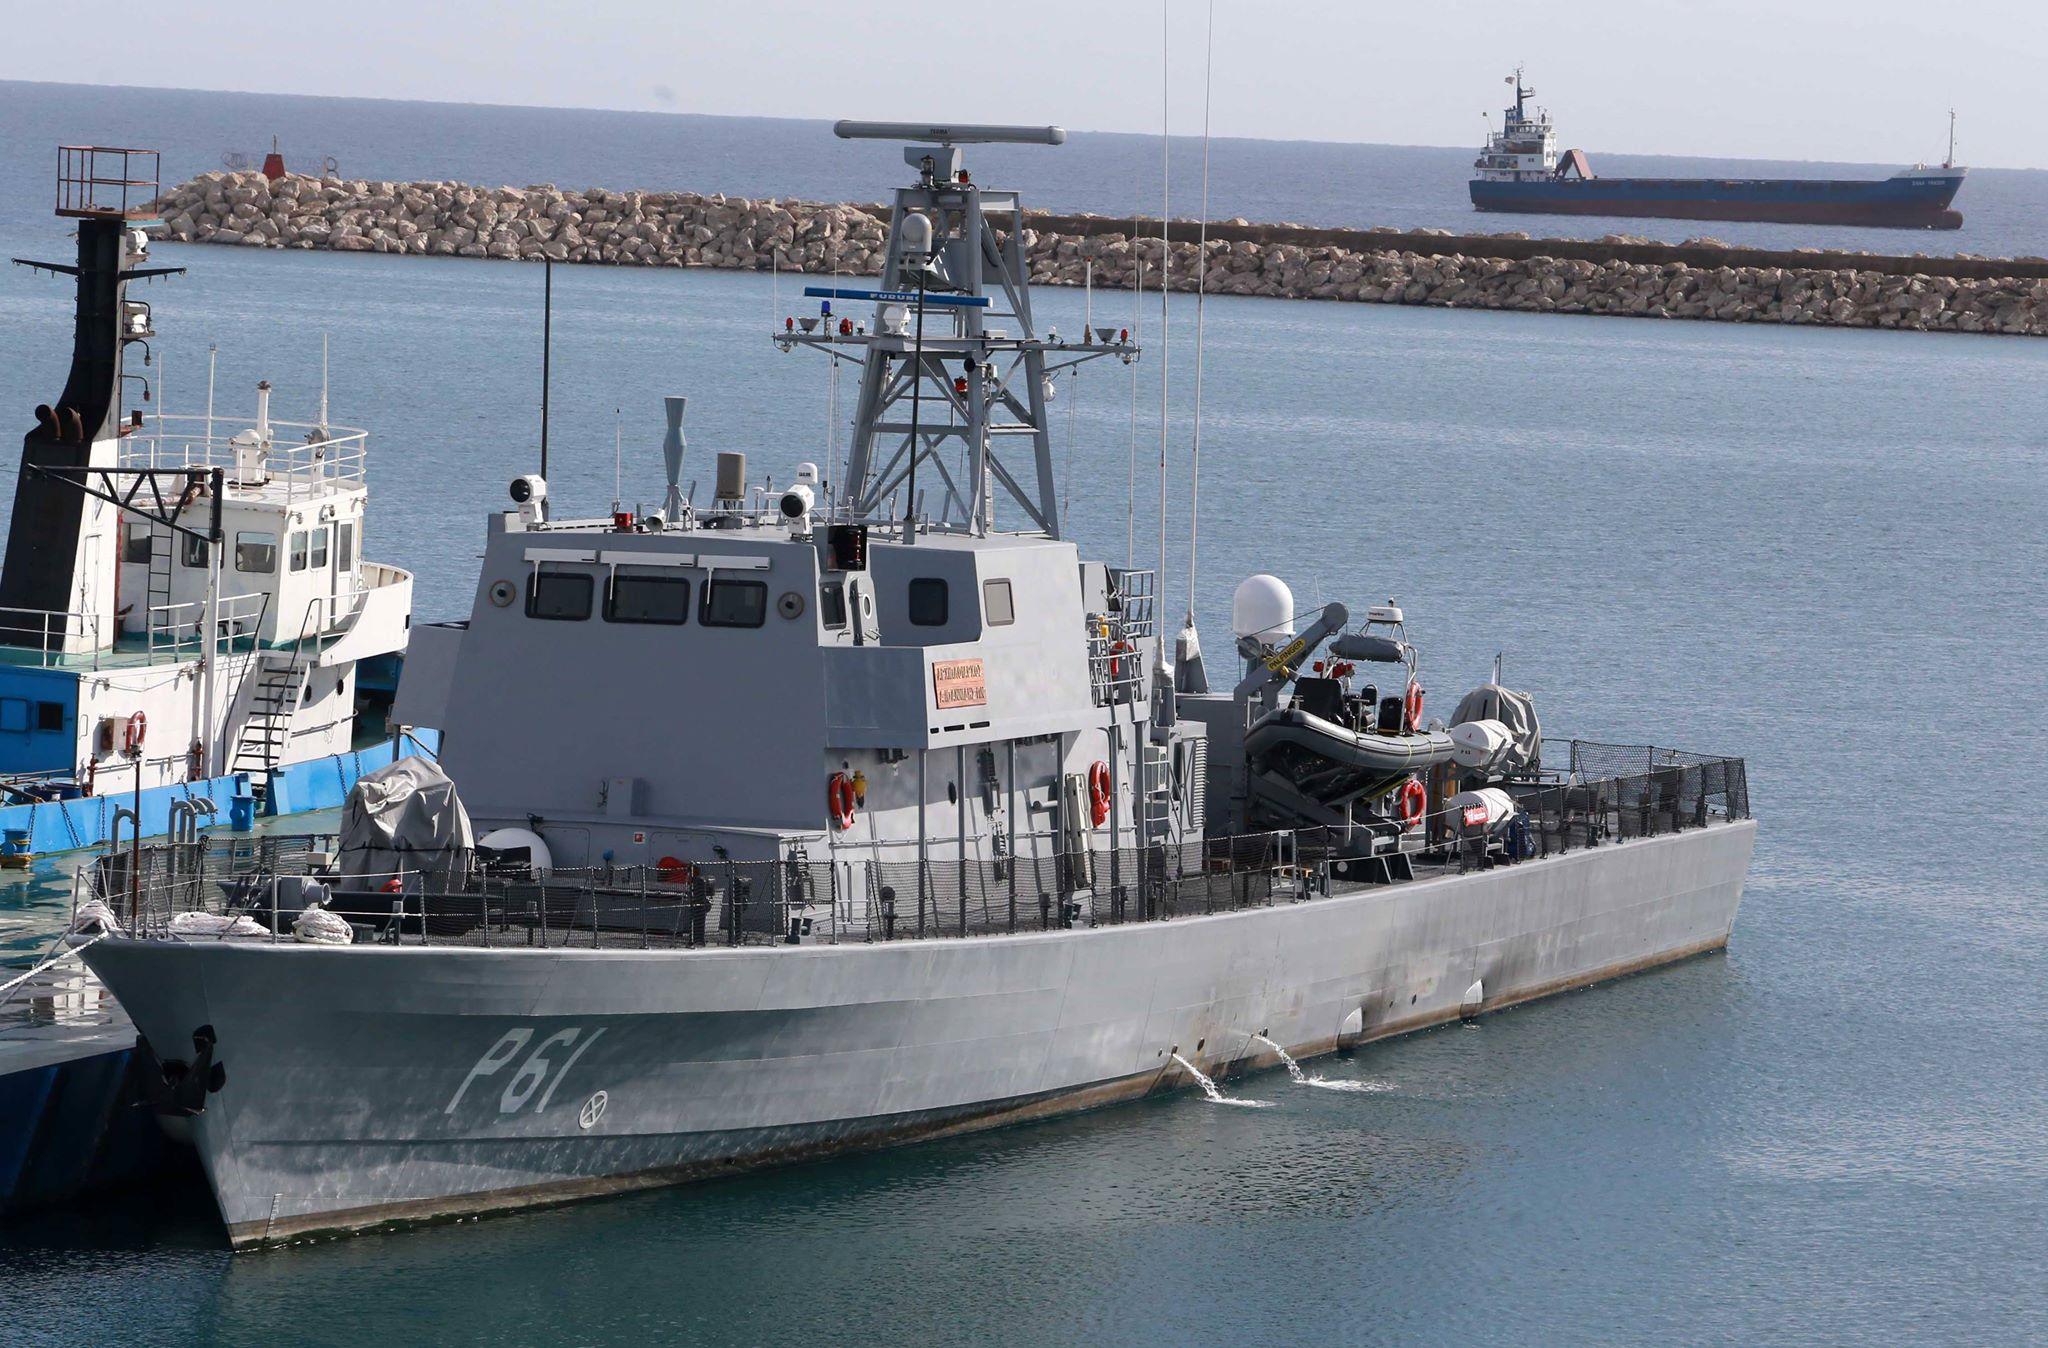 Кипр заказал в Израиле второй патрульный корабль